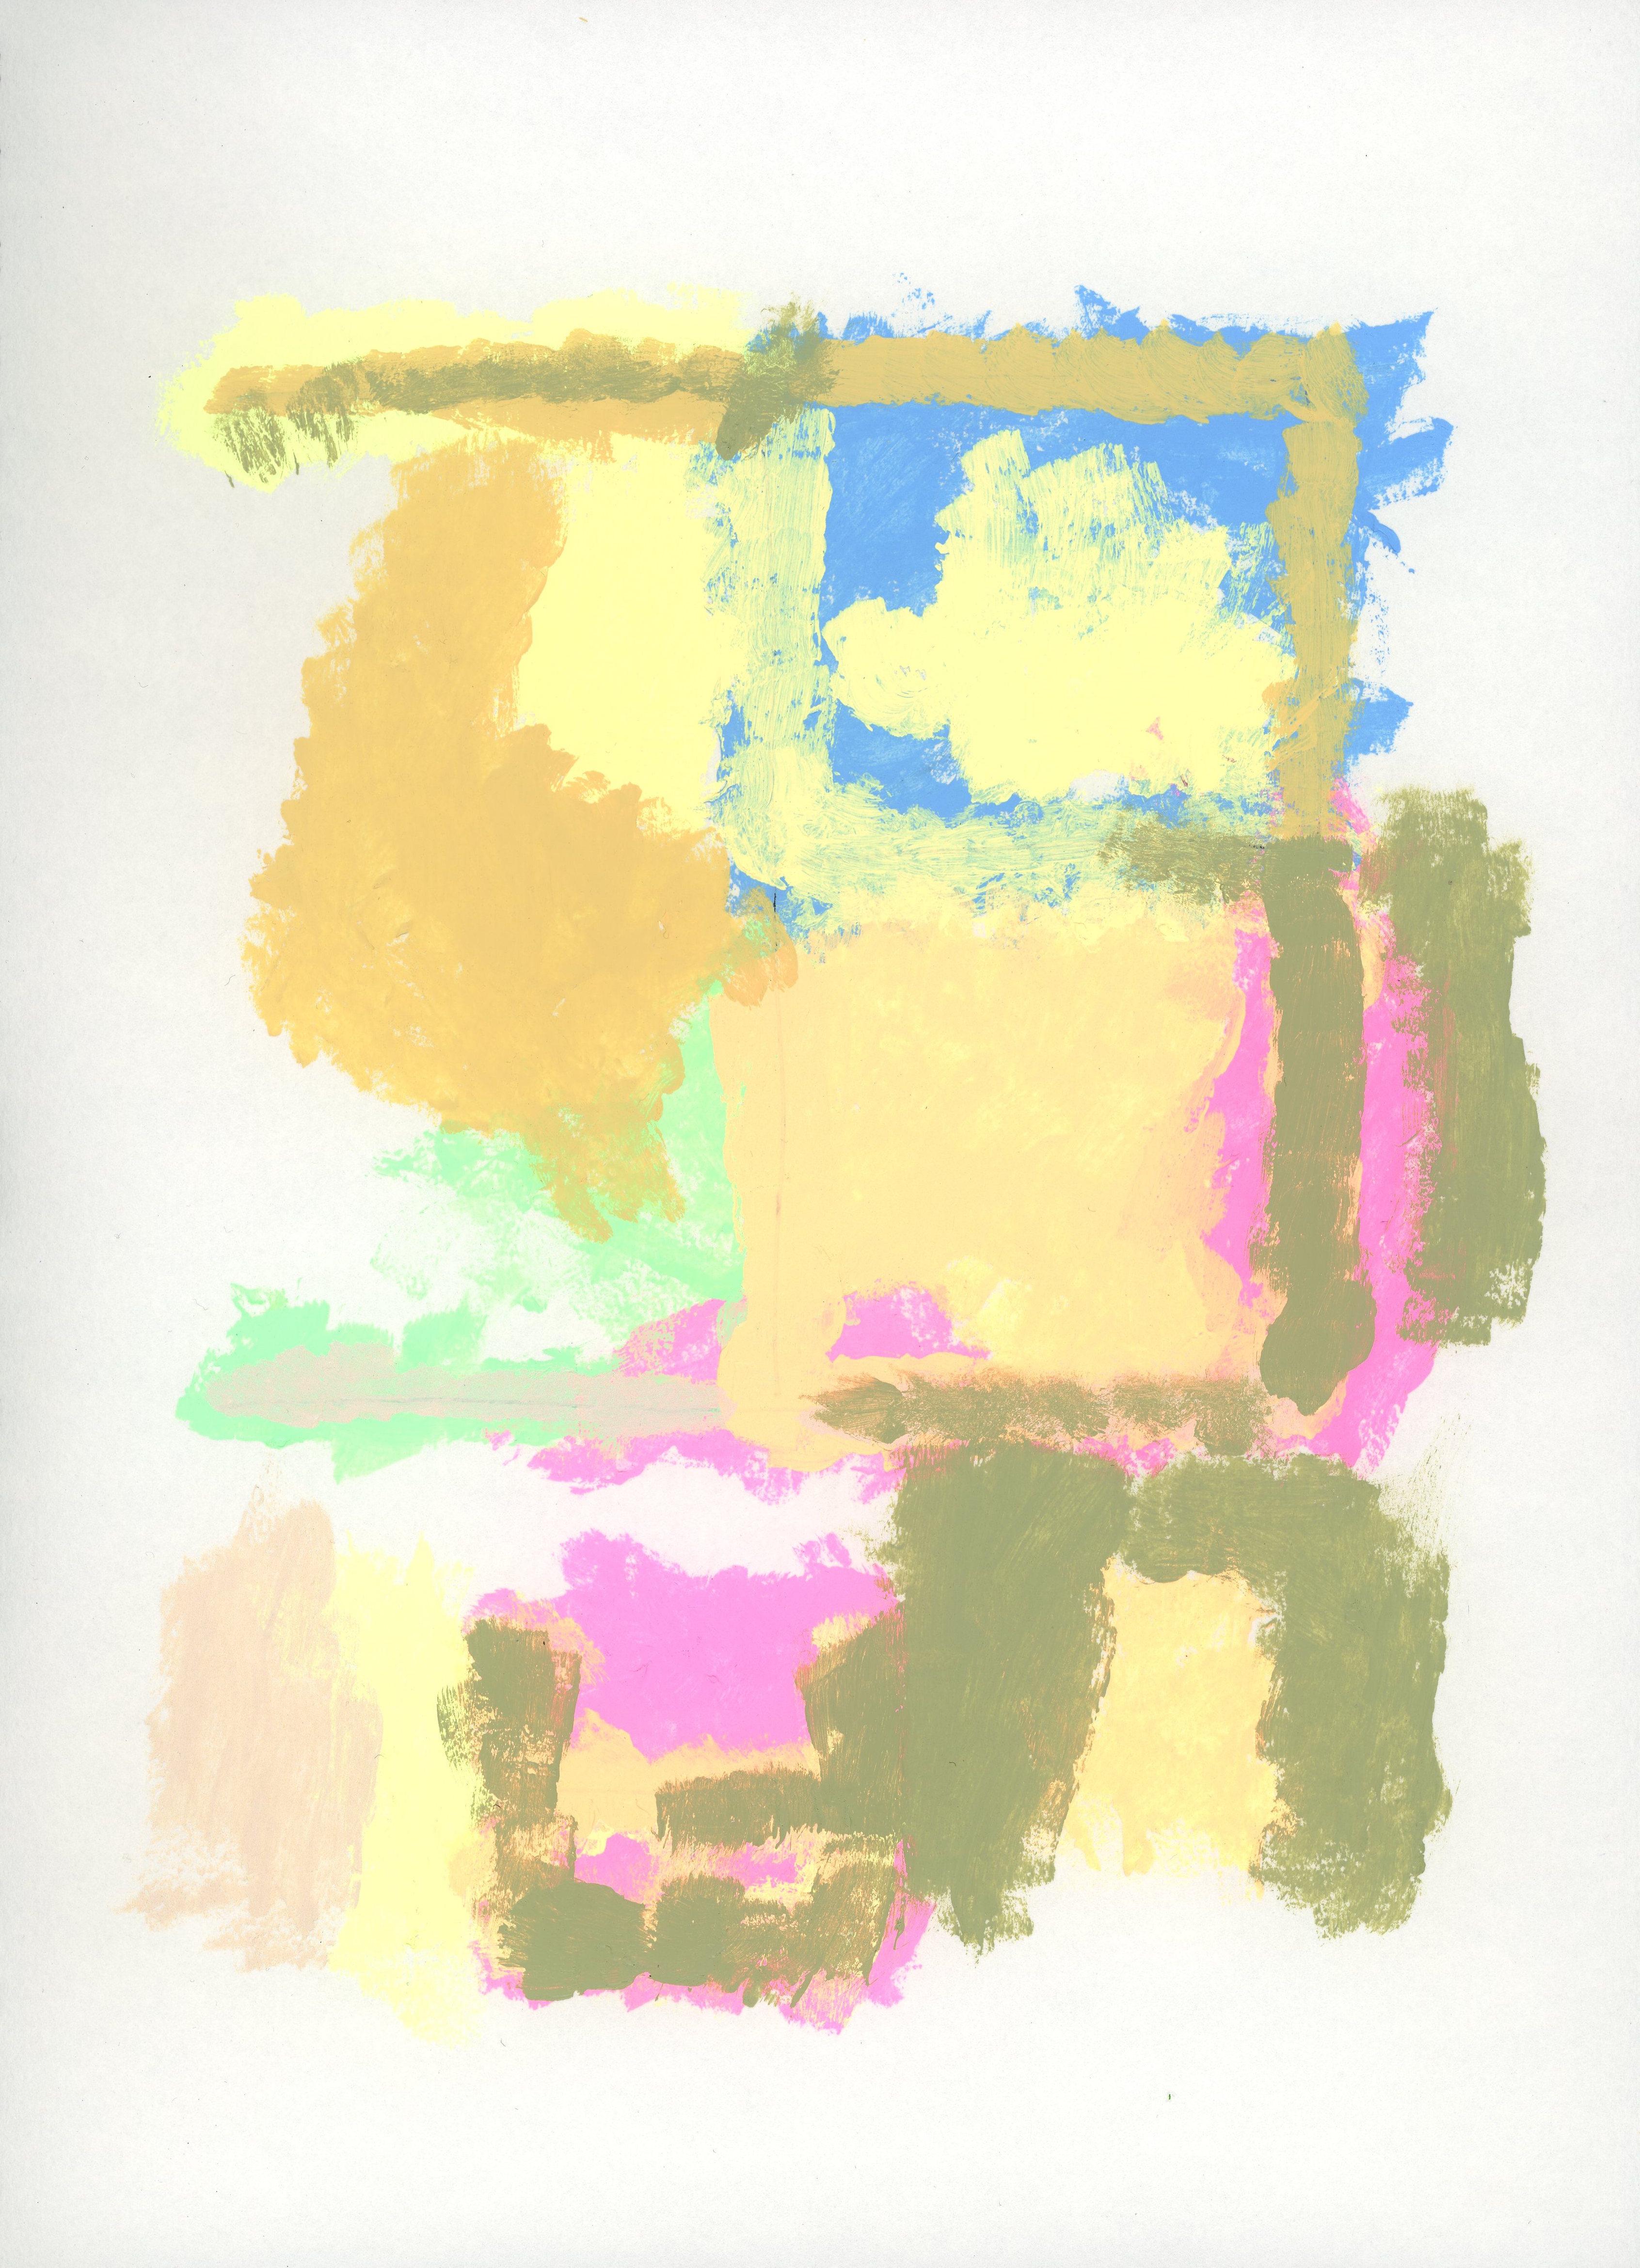 42_Fortytwo (31cmx23cm)